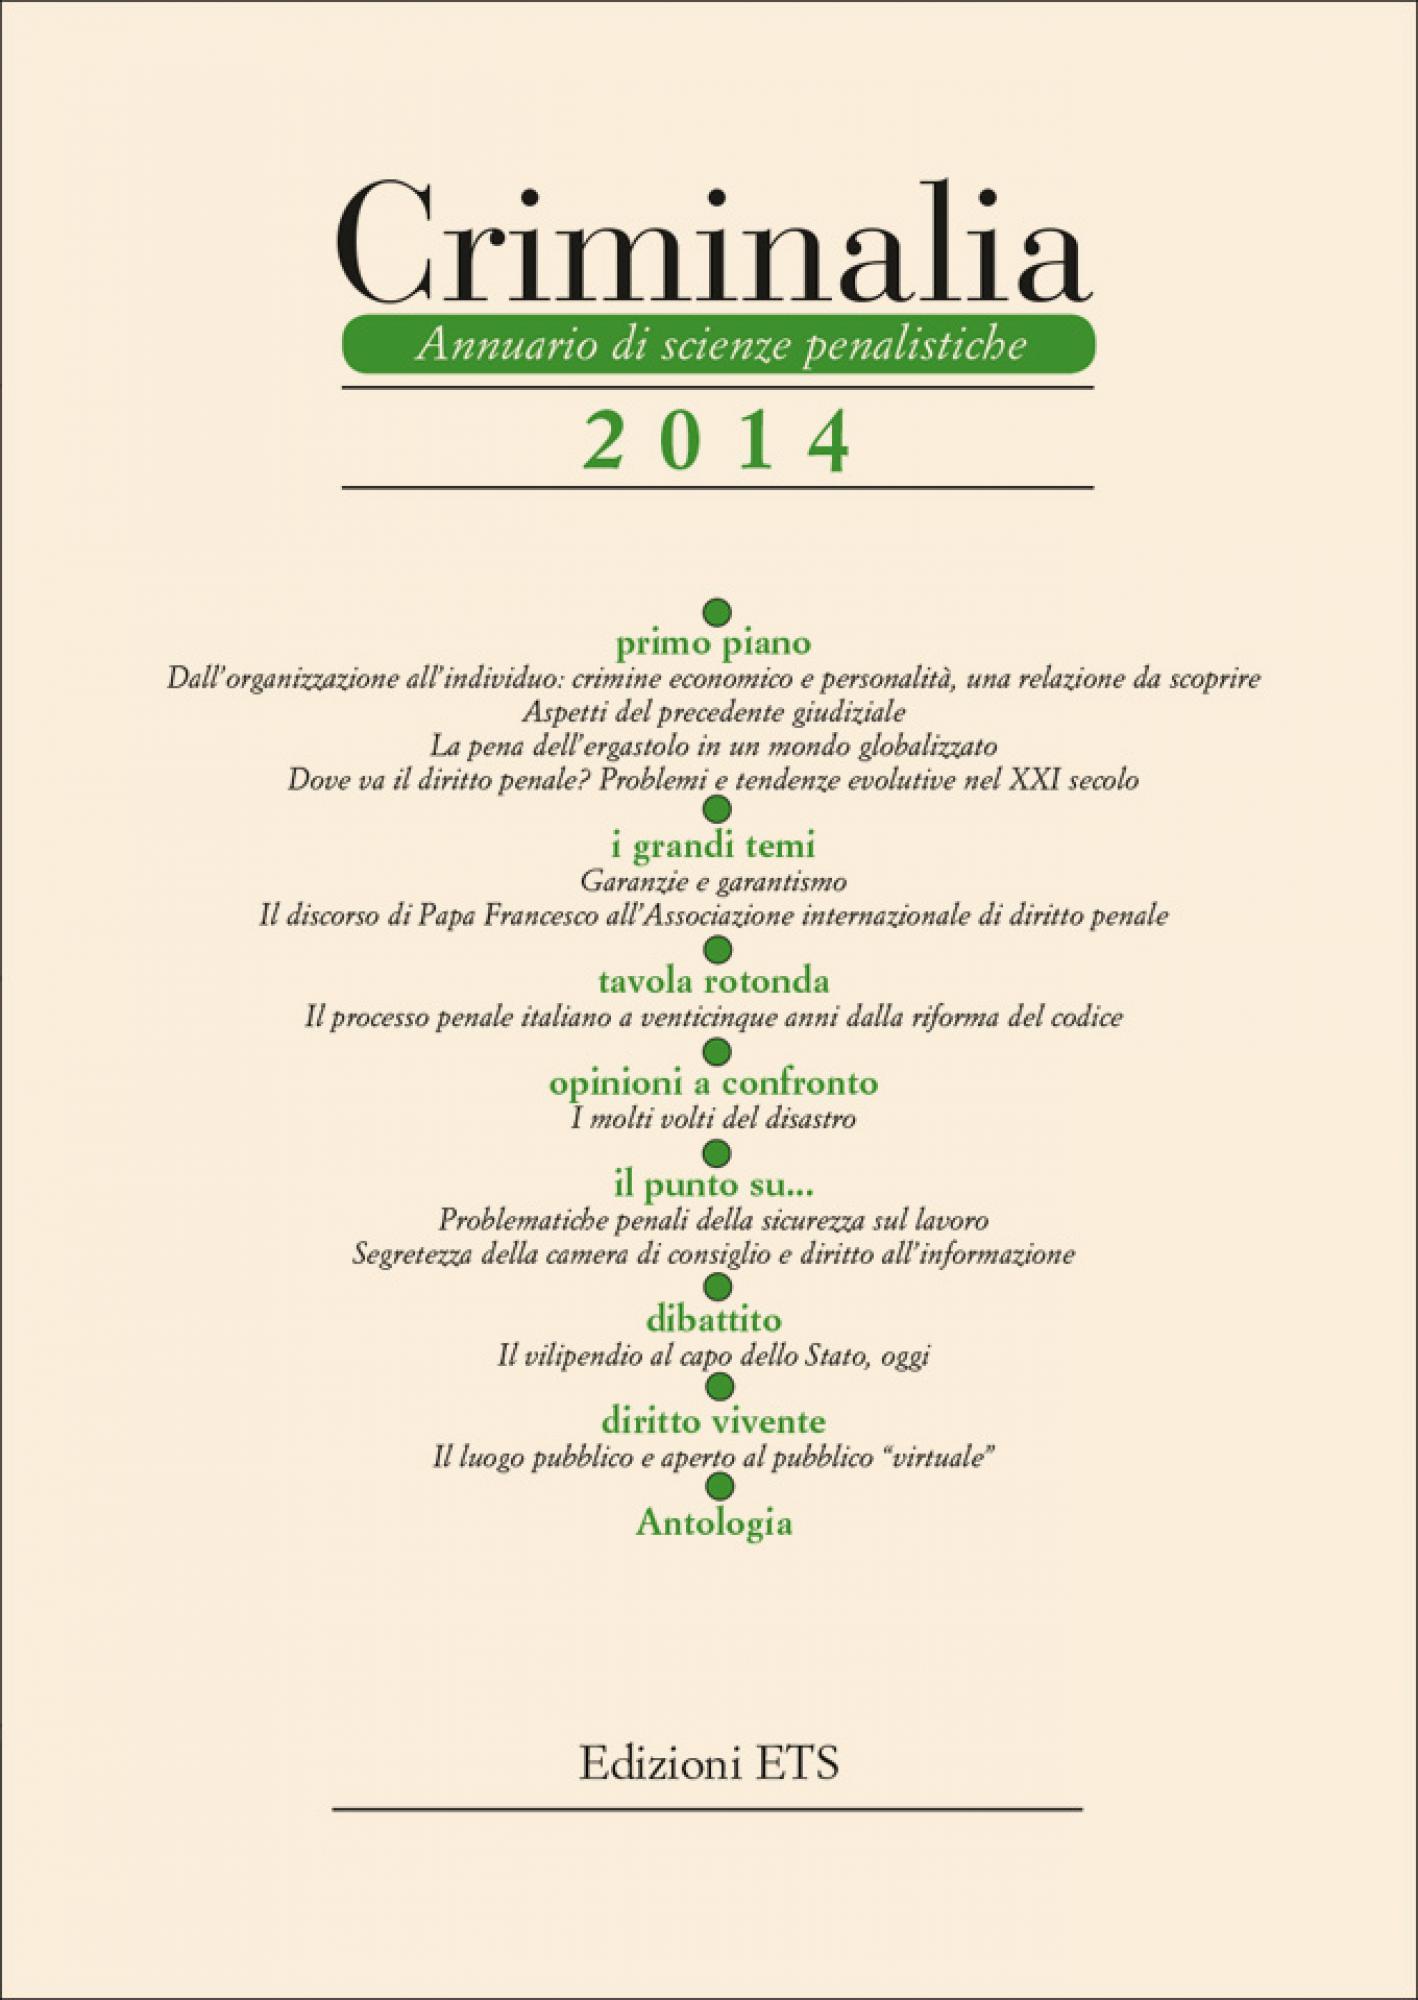 Criminalia 2014.Annuario di scienze penalistiche